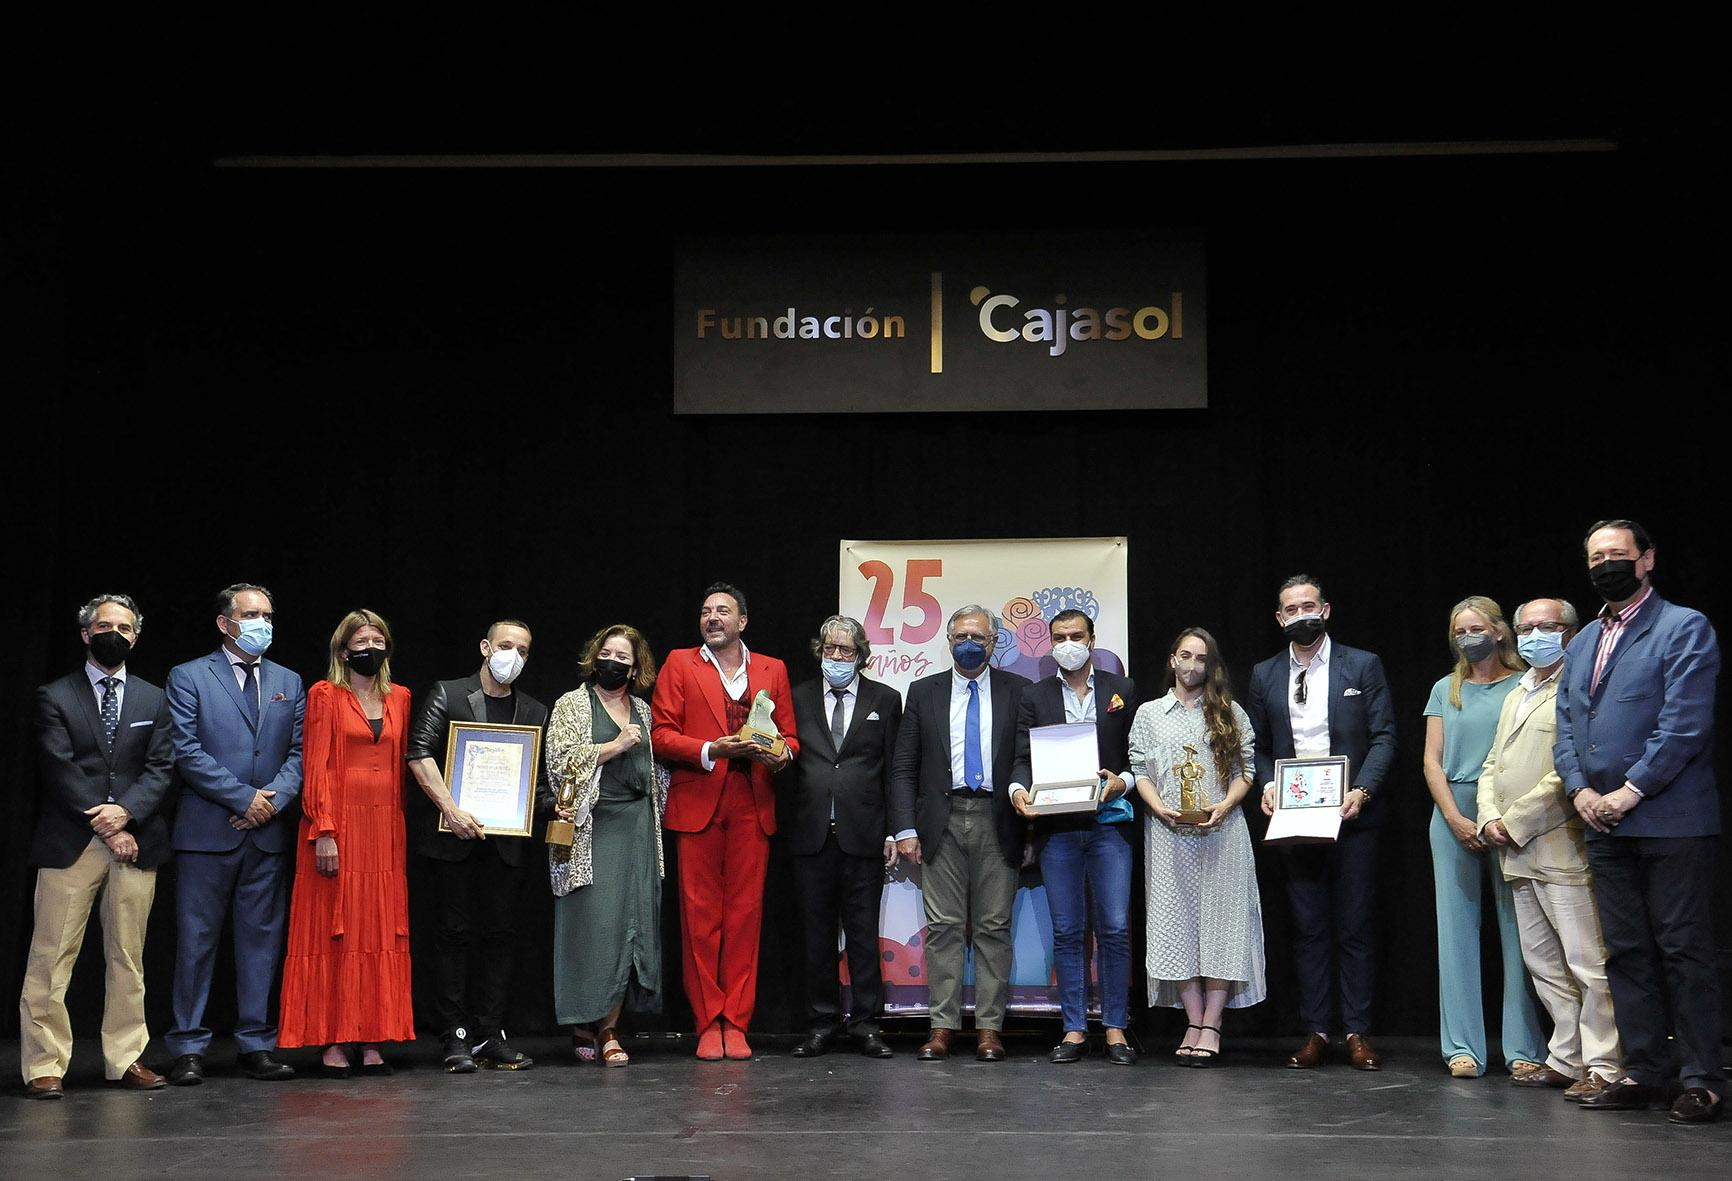 El Festival de Jerez entrega los premios a los artistas más destacados de la pasada edición